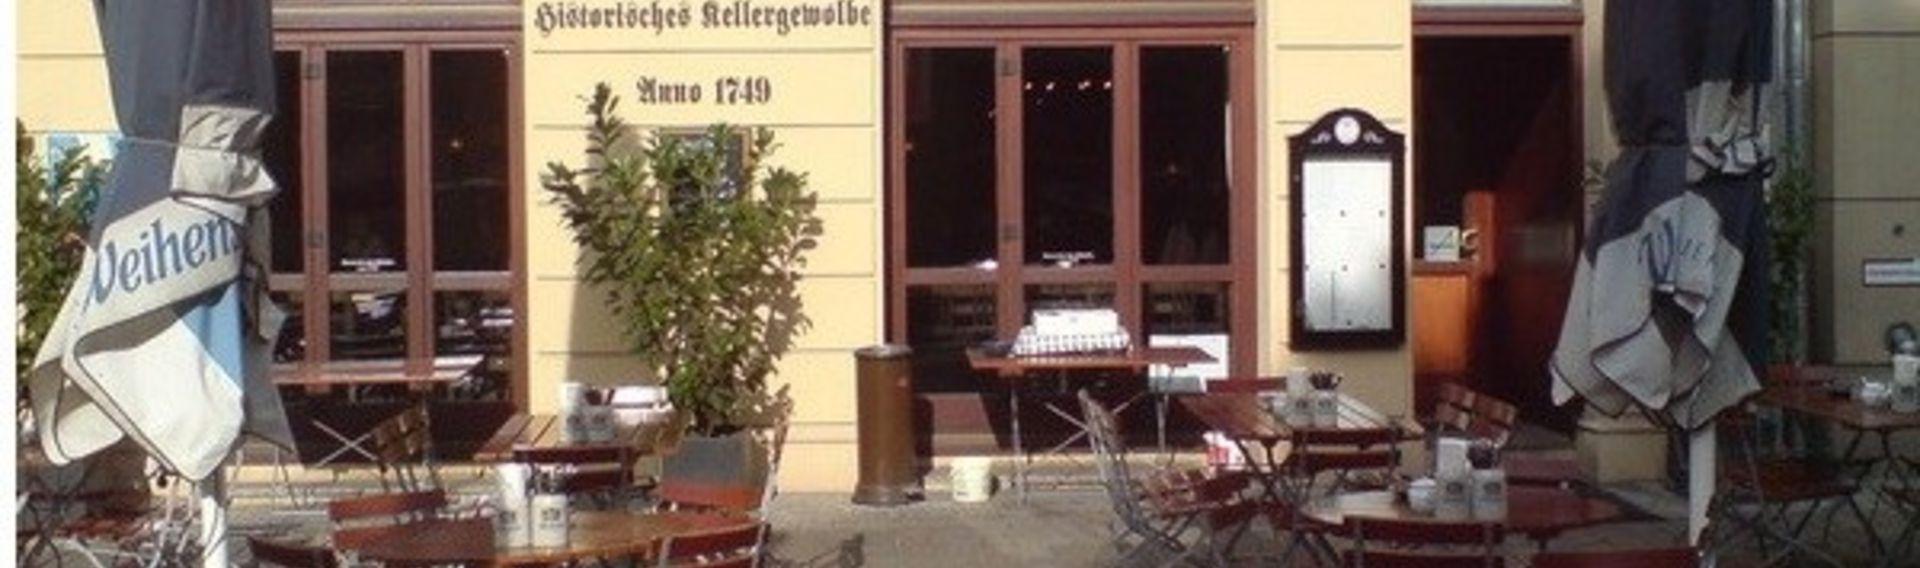 Restaurant Berlin mit Hund – Weihenstephaner